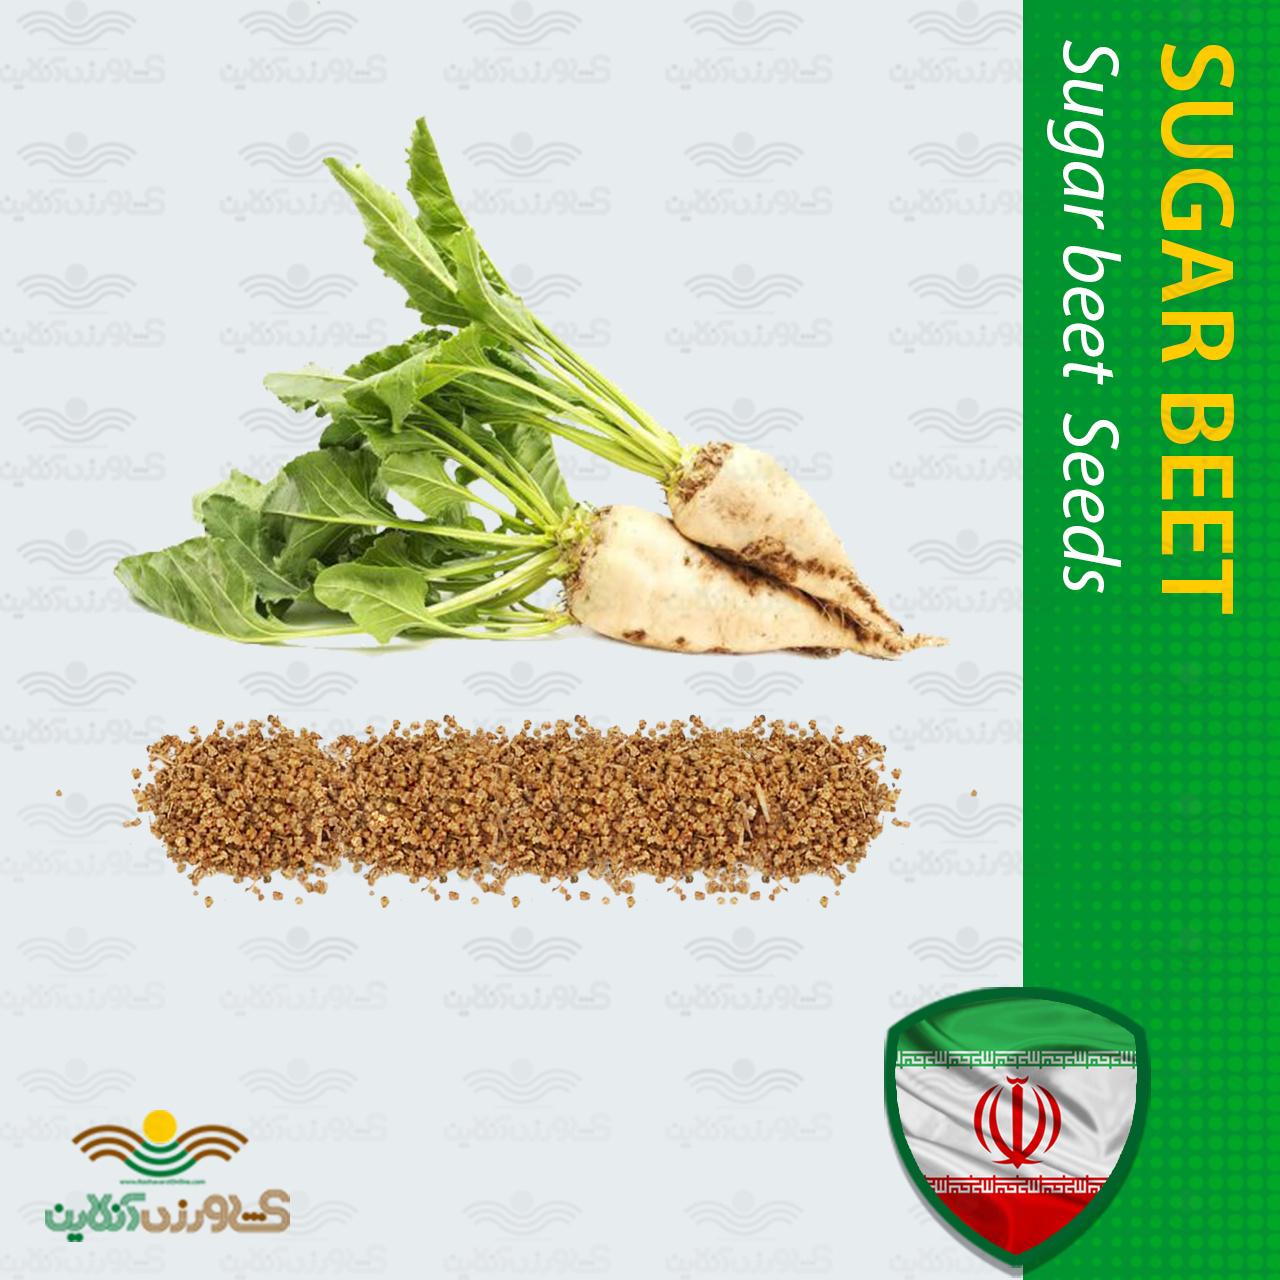 بذر چغندر قند و روش کاشت